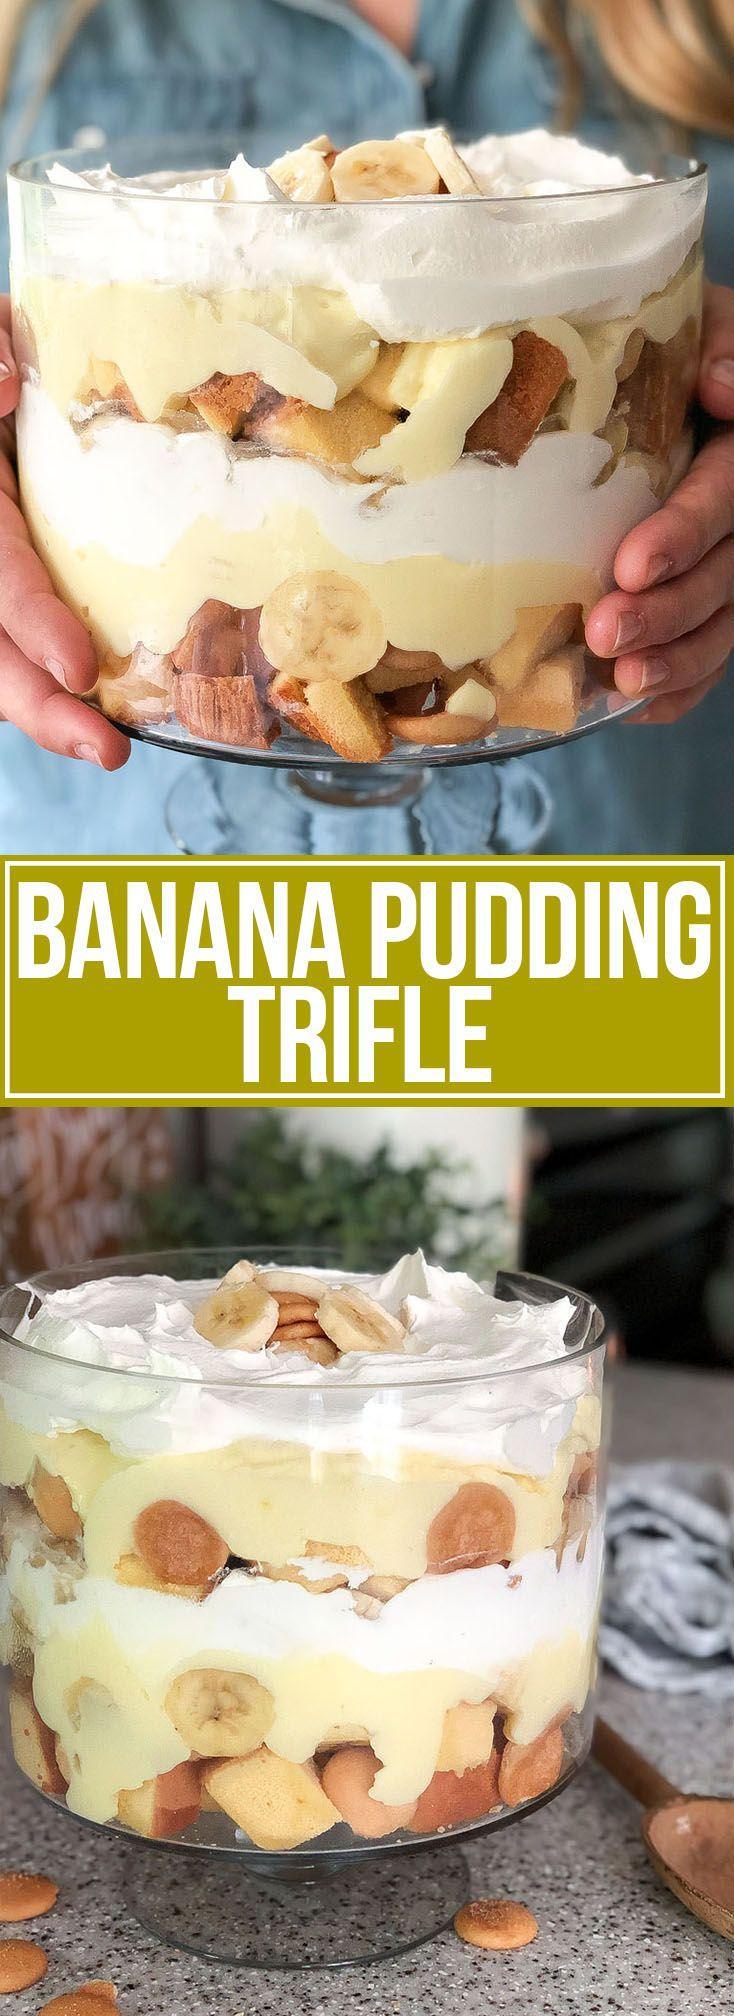 Banana Pudding Trifle - Mother Thyme